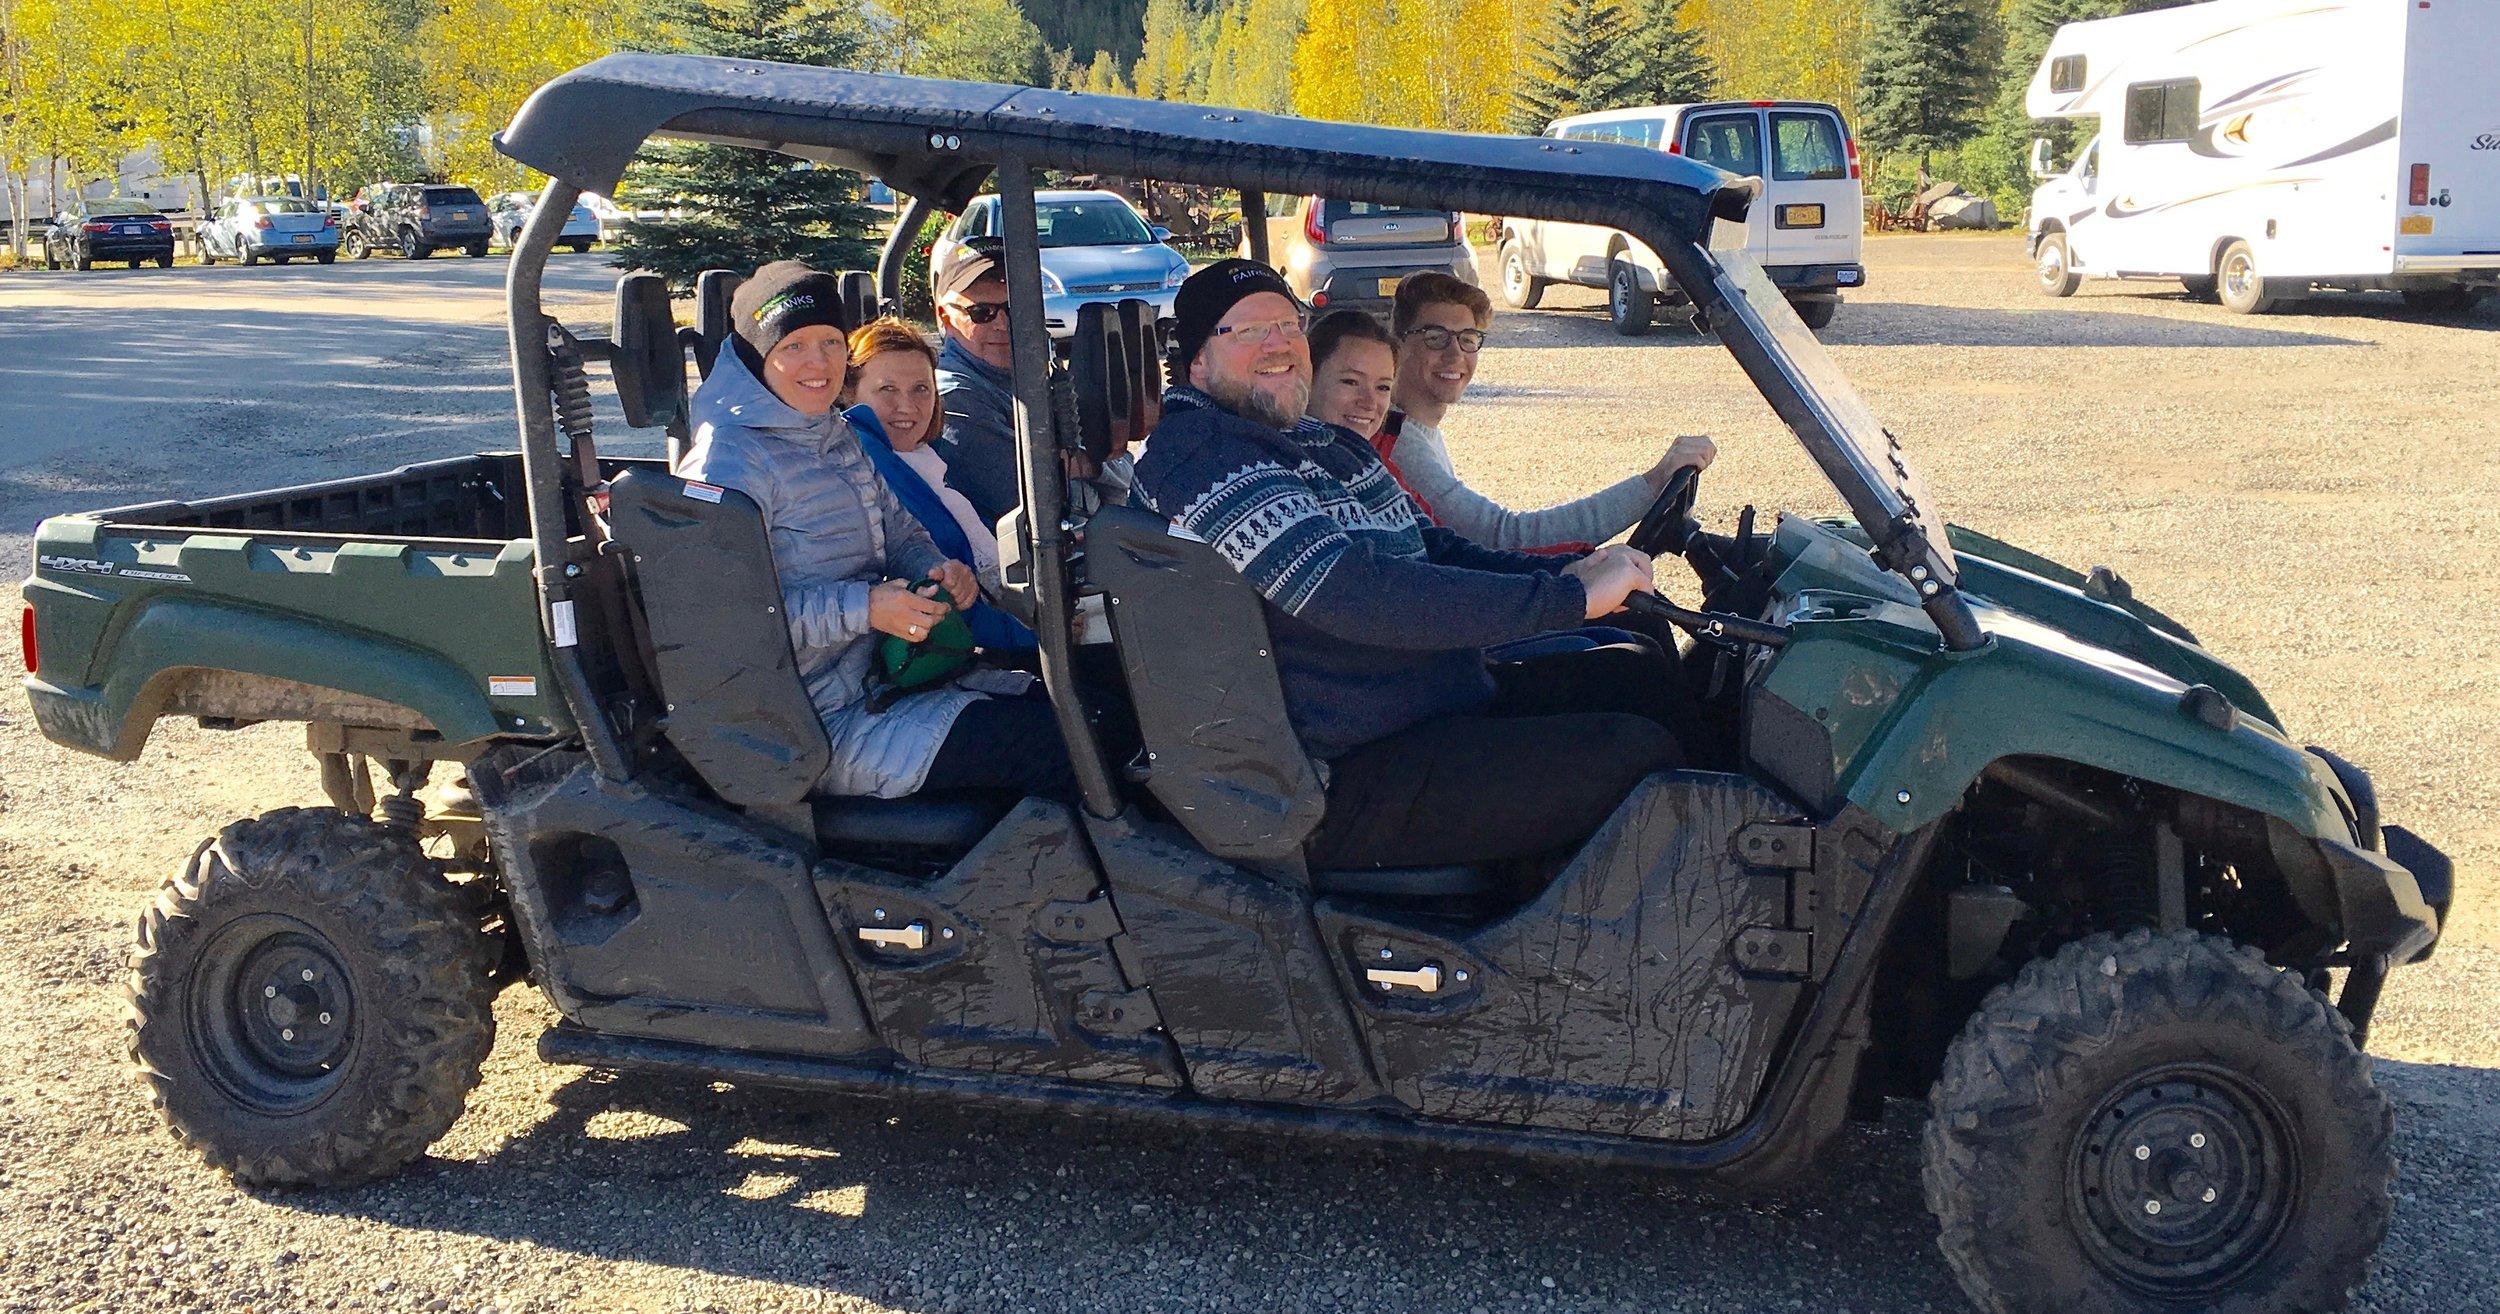 专人开四轮越野车 - 由贵宾驾驶技术程度决定不同路线,让您看到珍娜温泉最美的风景。全程45分钟,$70 /每人